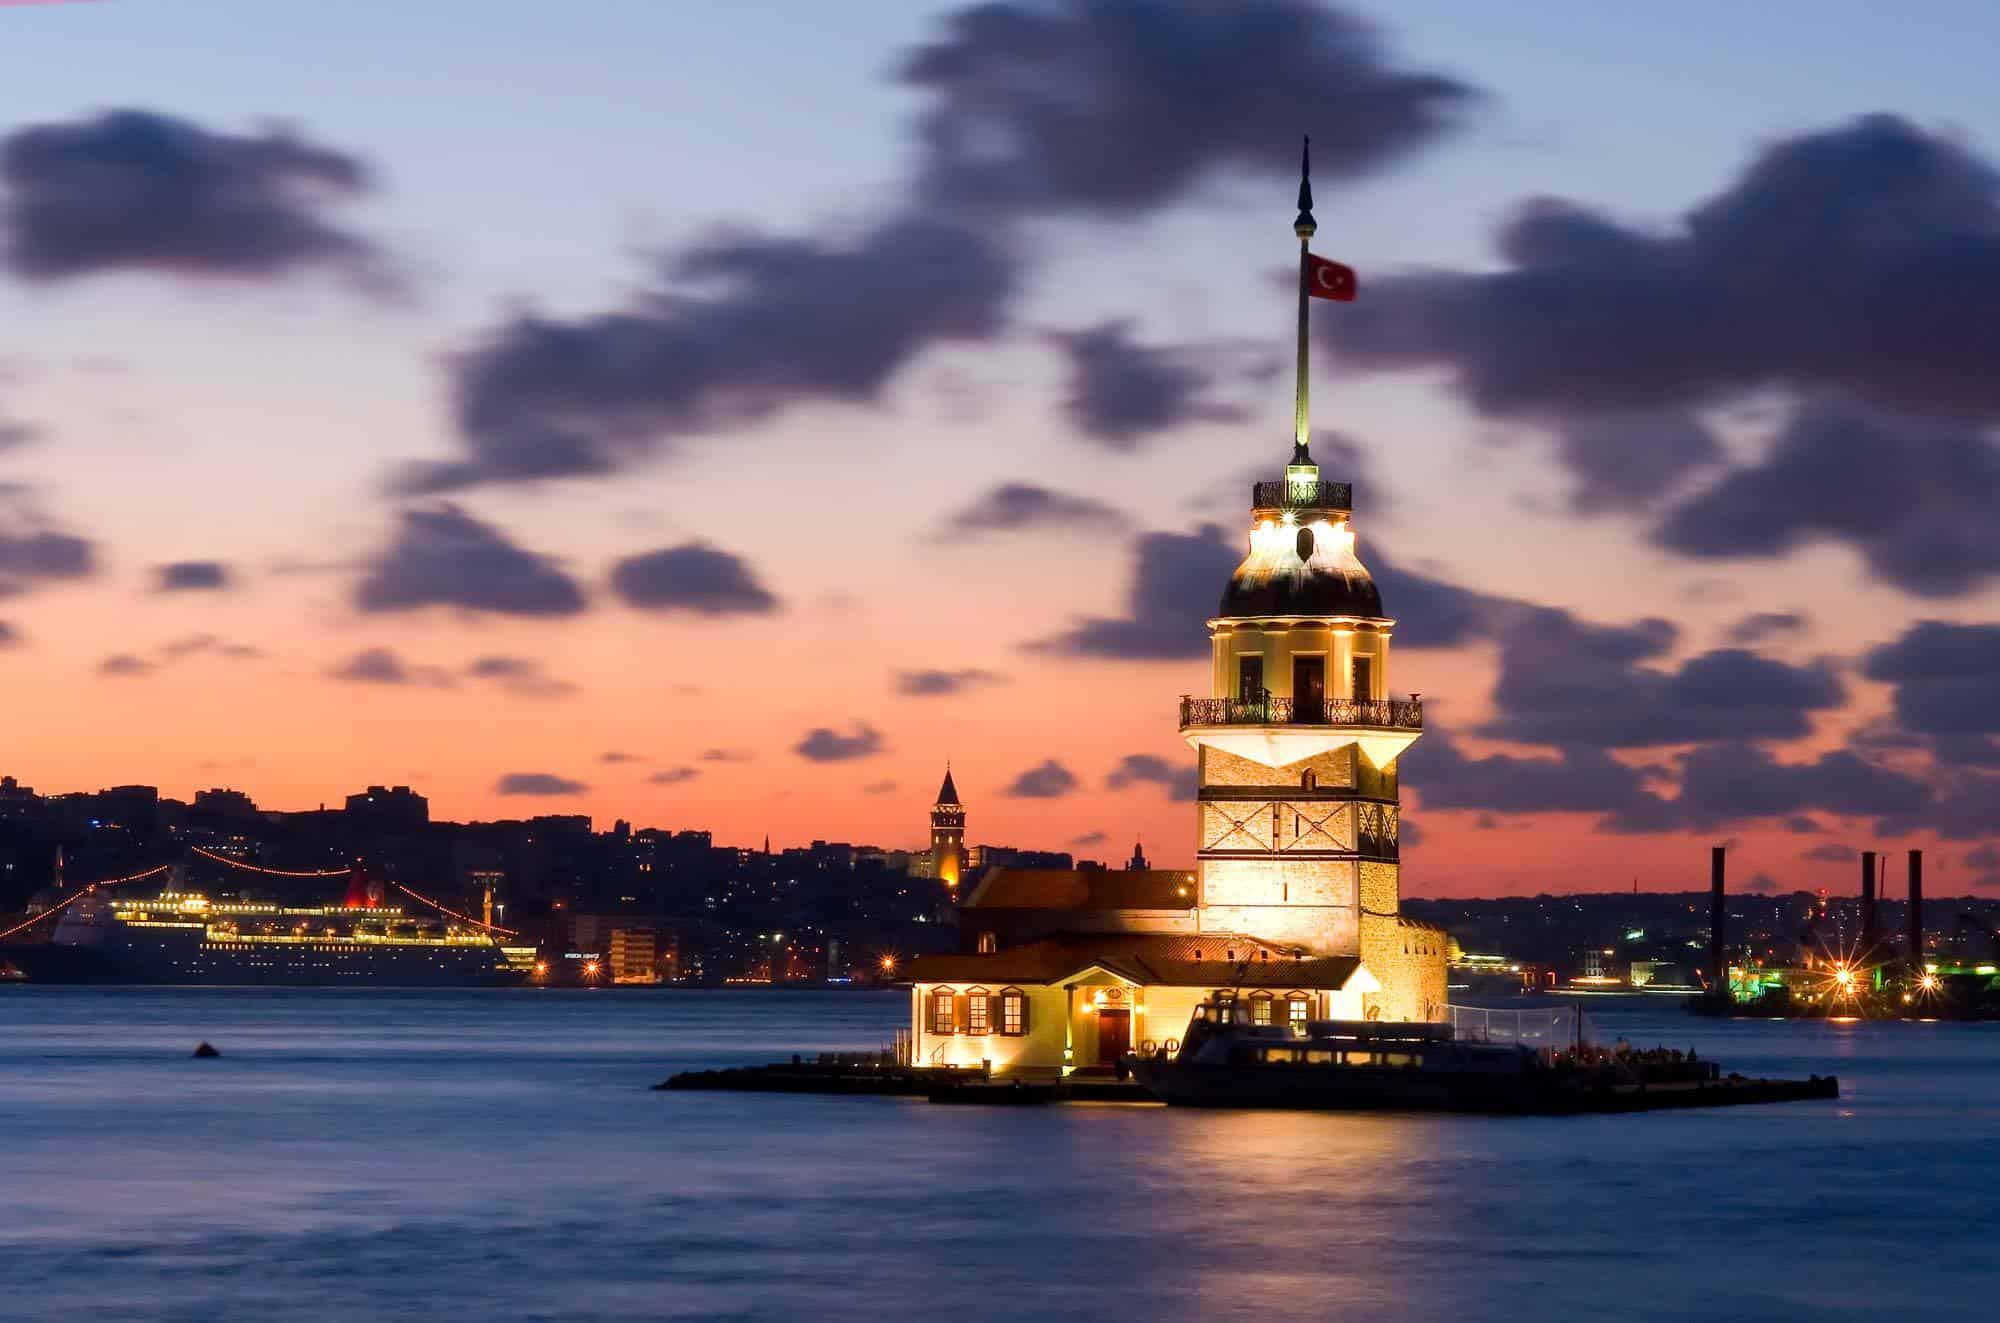 أماكن سياحية في إسطنبول